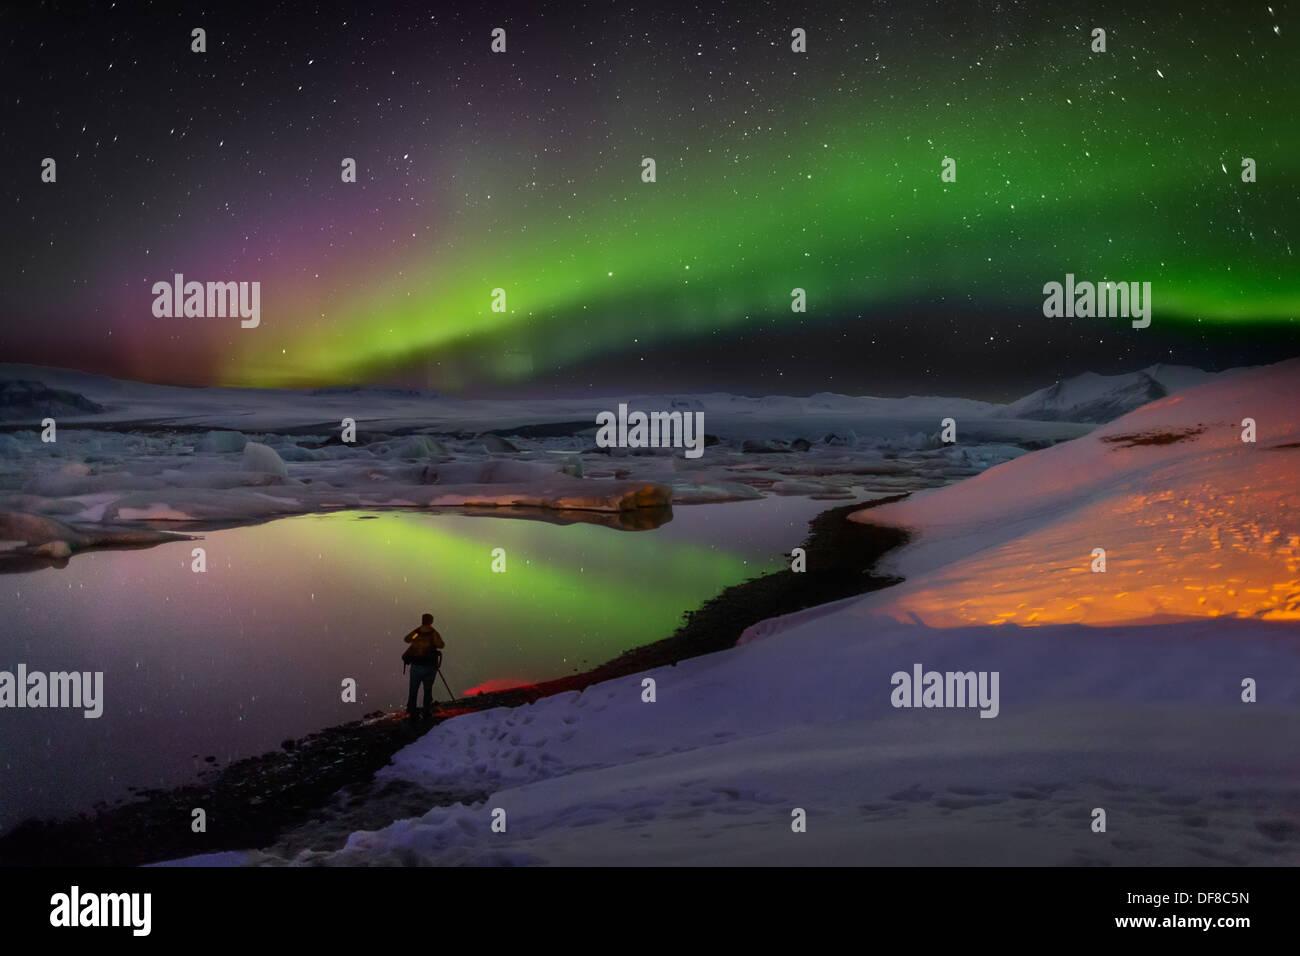 Scattare foto delle luci del nord a Jokulsarlon, Breidarmerkurjokull, Vatnajokull calotta di ghiaccio, Islanda. Immagini Stock